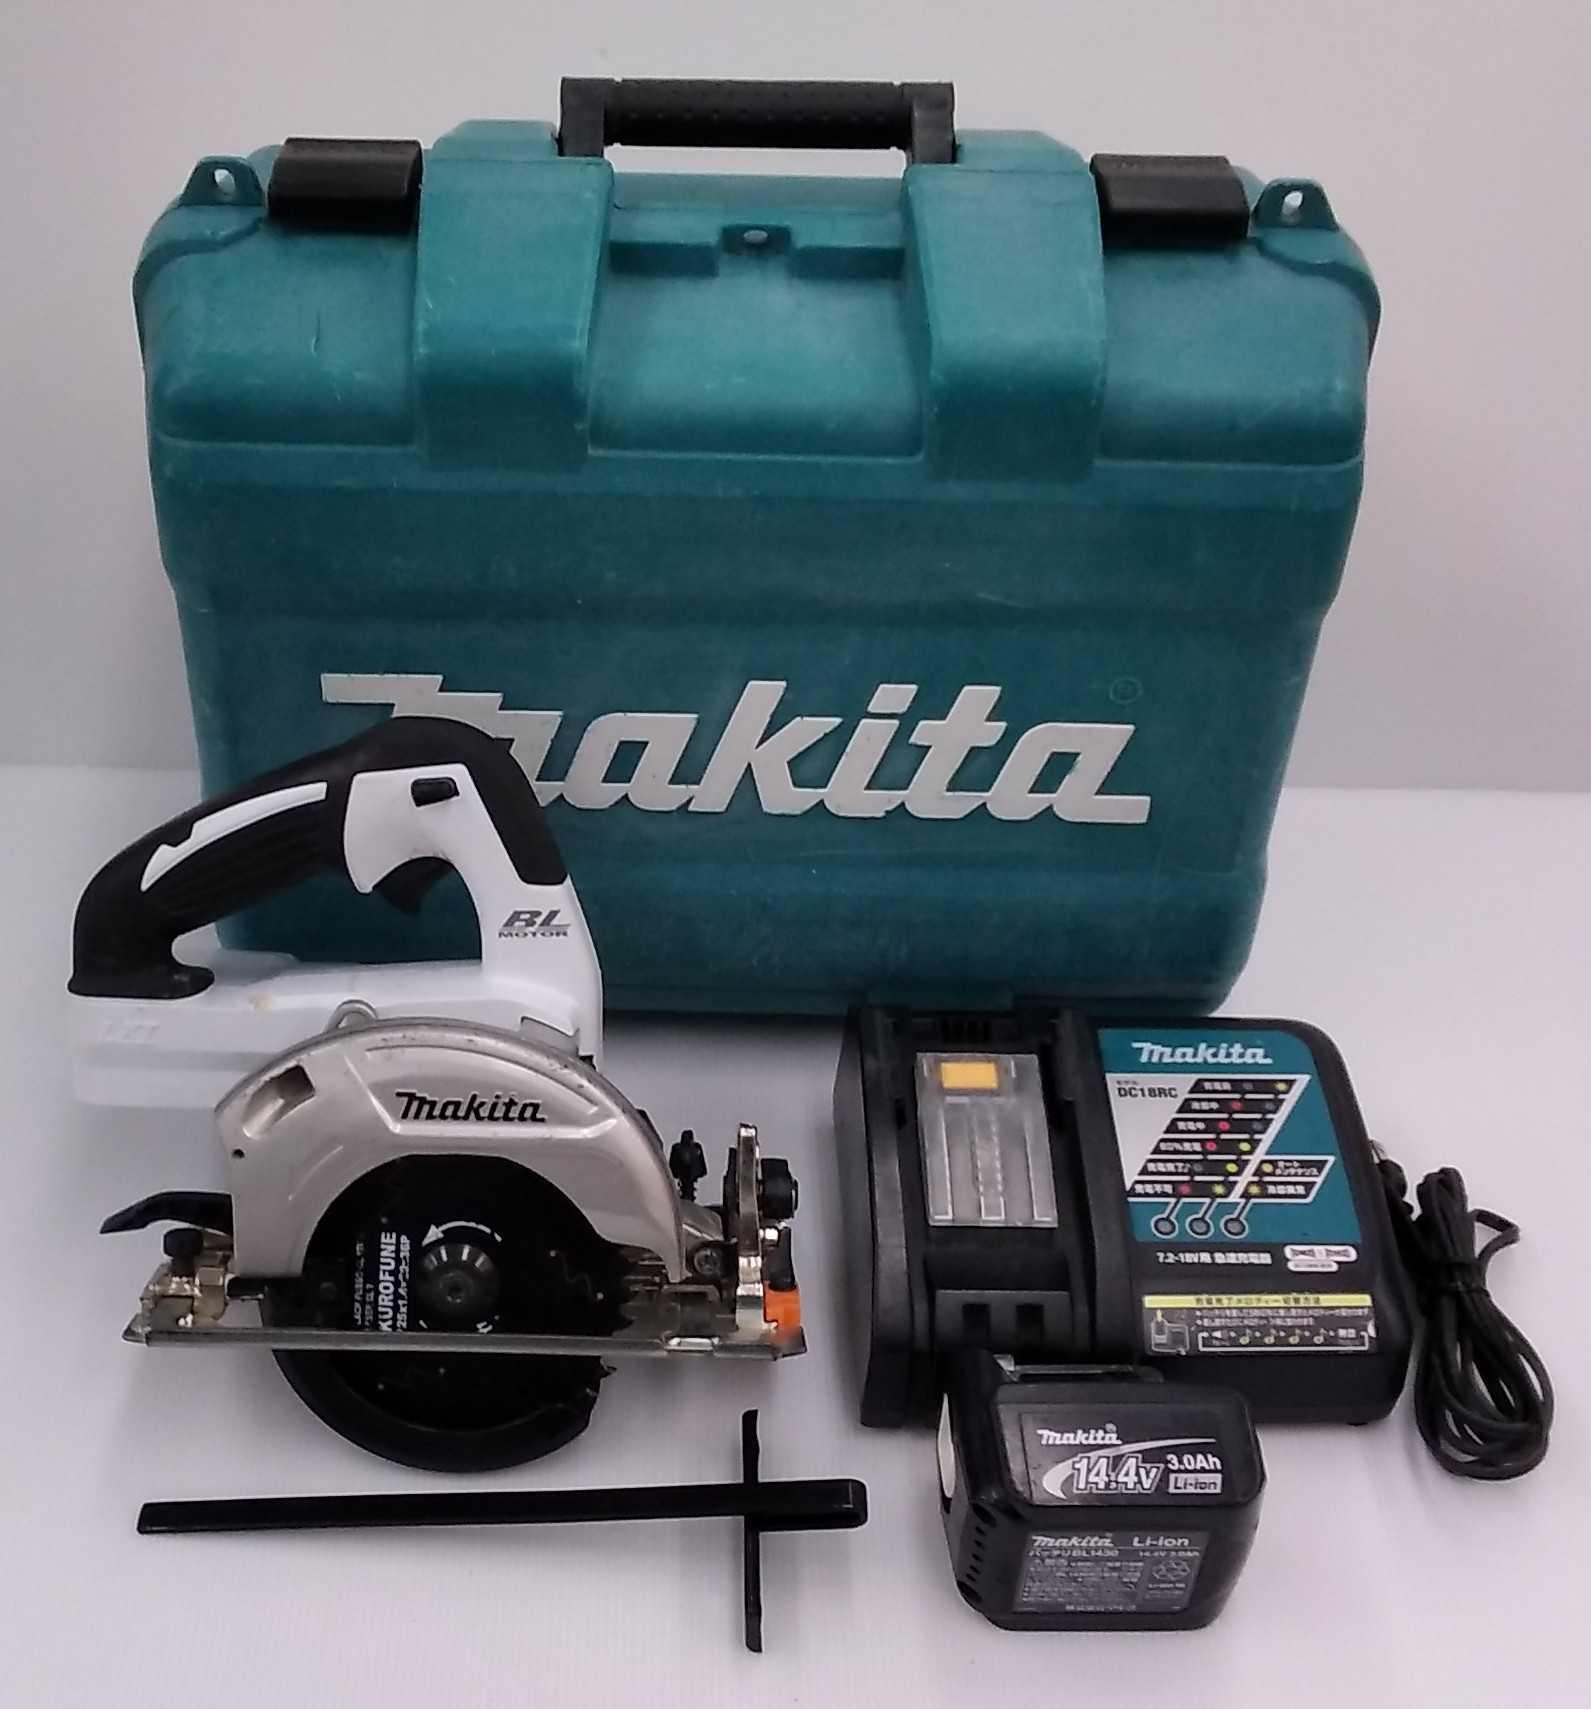 125MM 充電式マルノコ|MAKITA